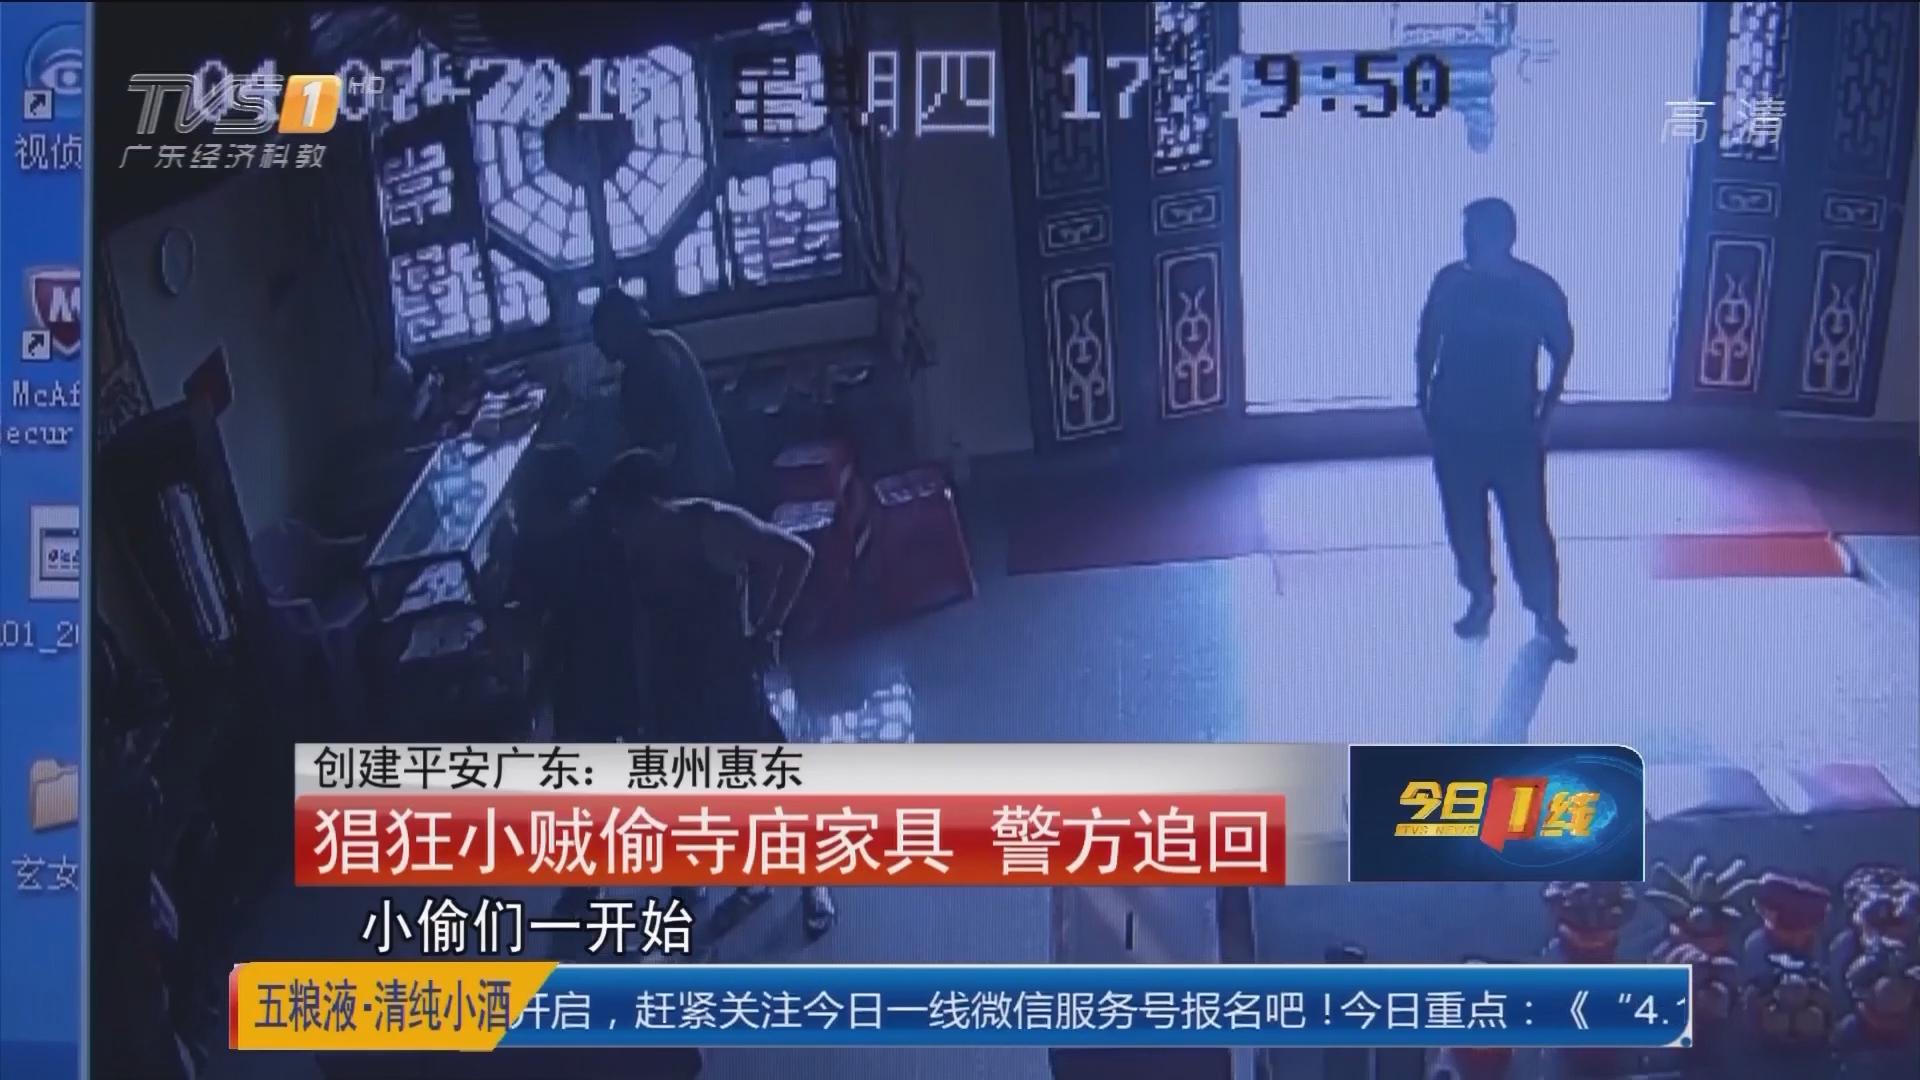 创建平安广东:惠州惠东 猖狂小贼偷寺庙家具 警方追回